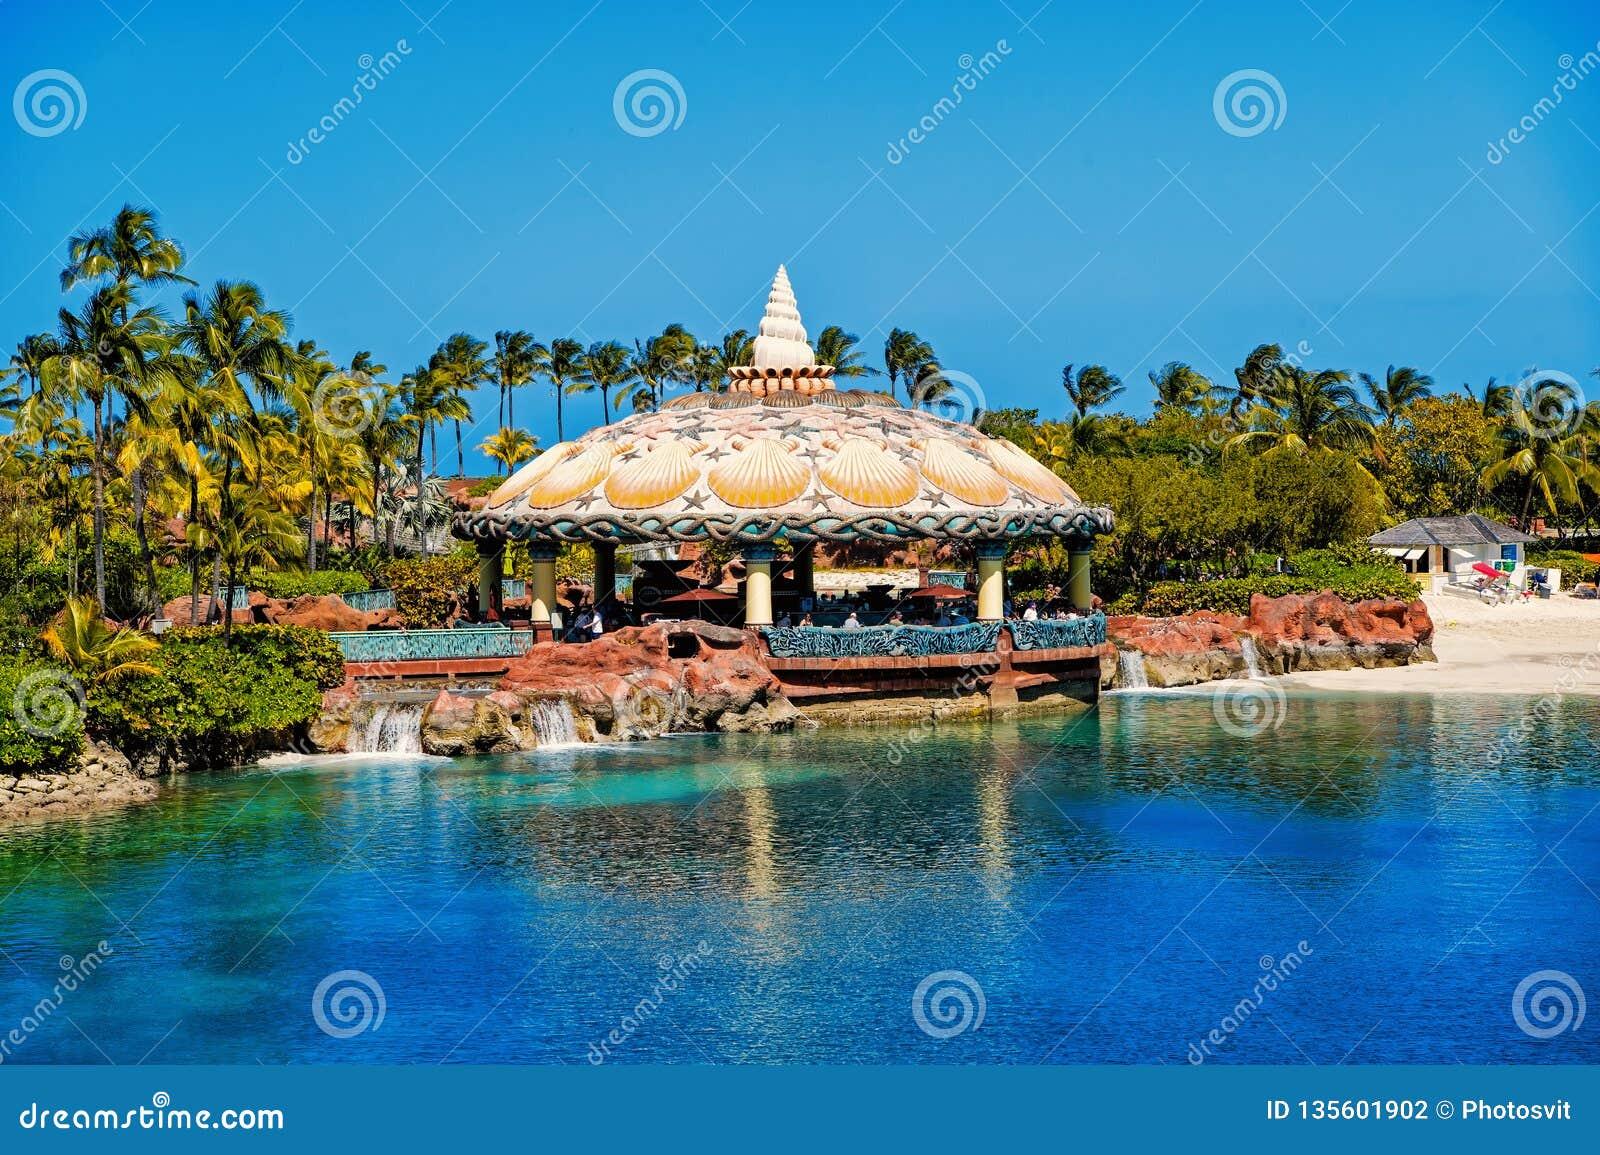 Barra de la laguna bajo techo acuático de la bóveda en Nassau, Bahamas